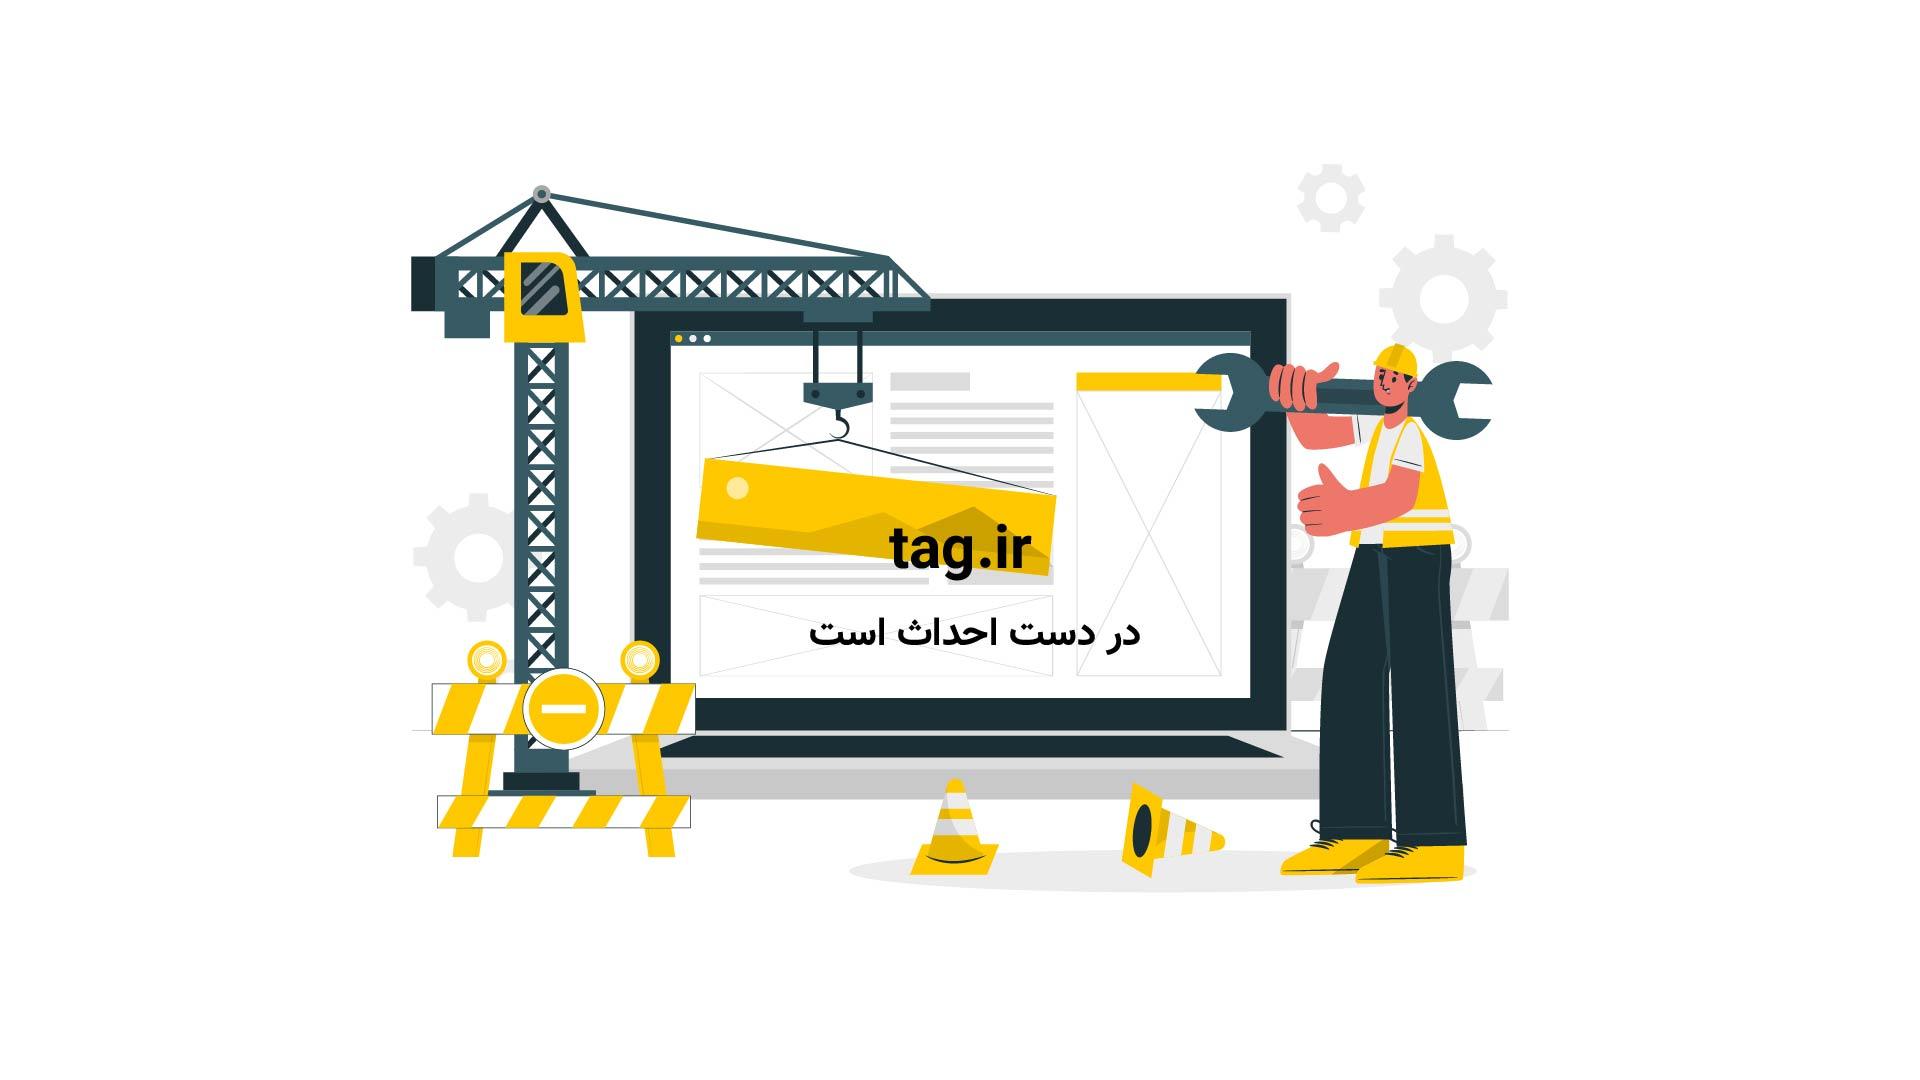 سخنرانی های تد ؛ جستجوی دایناسورها جایگاه ما در کائنات را به من نشان داد |فیلم